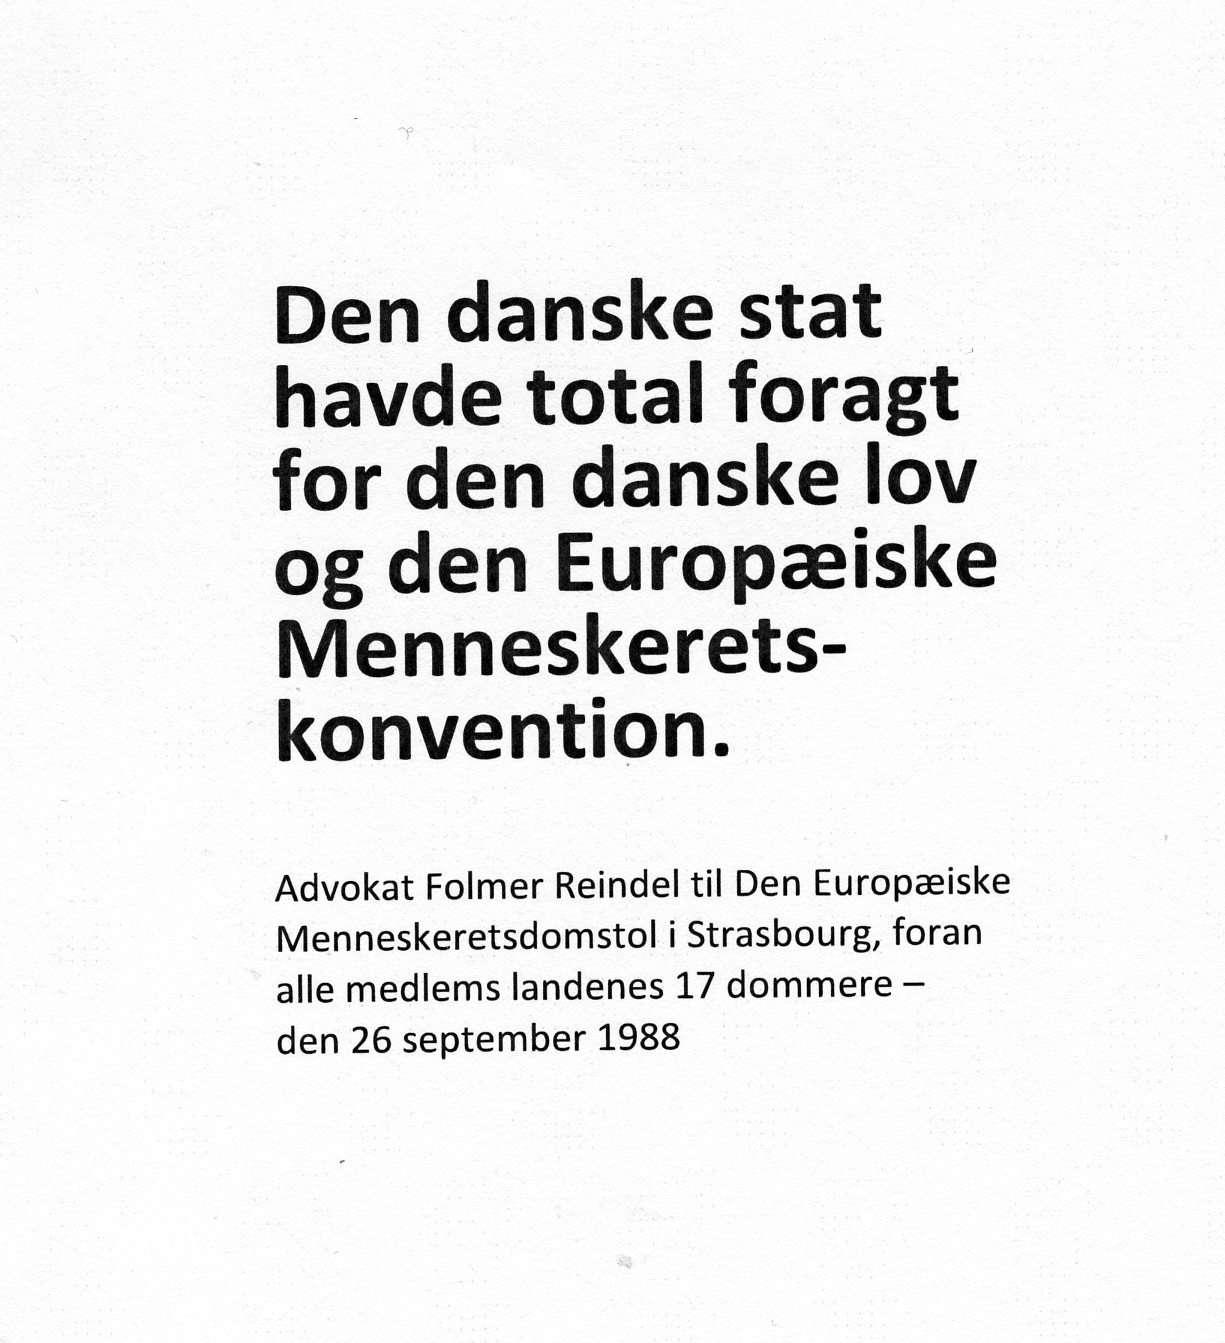 Quotes in Danish - no edit (6)